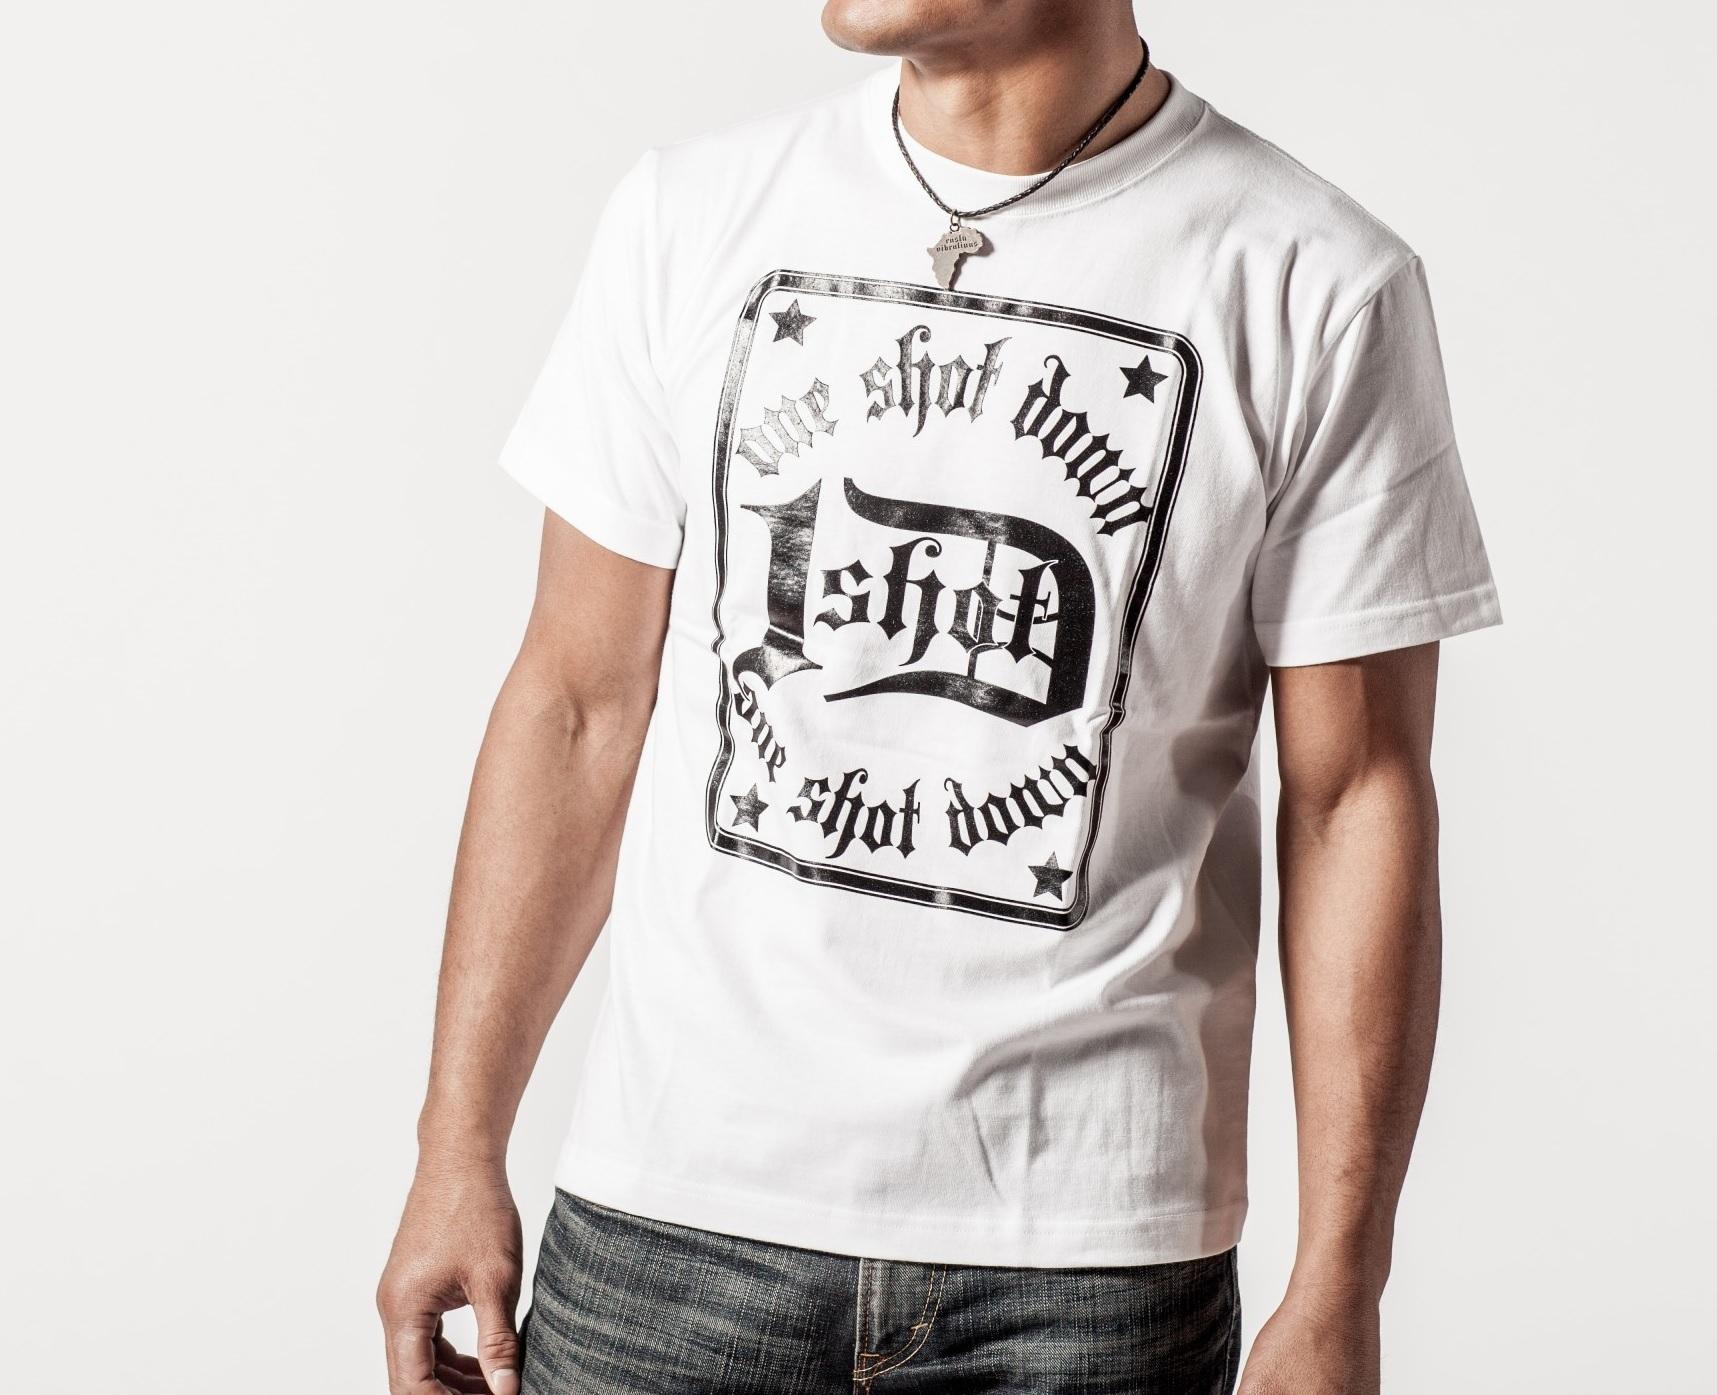 ONESHOTDOWN トランプスタイル デザイン Tシャツ - 画像2